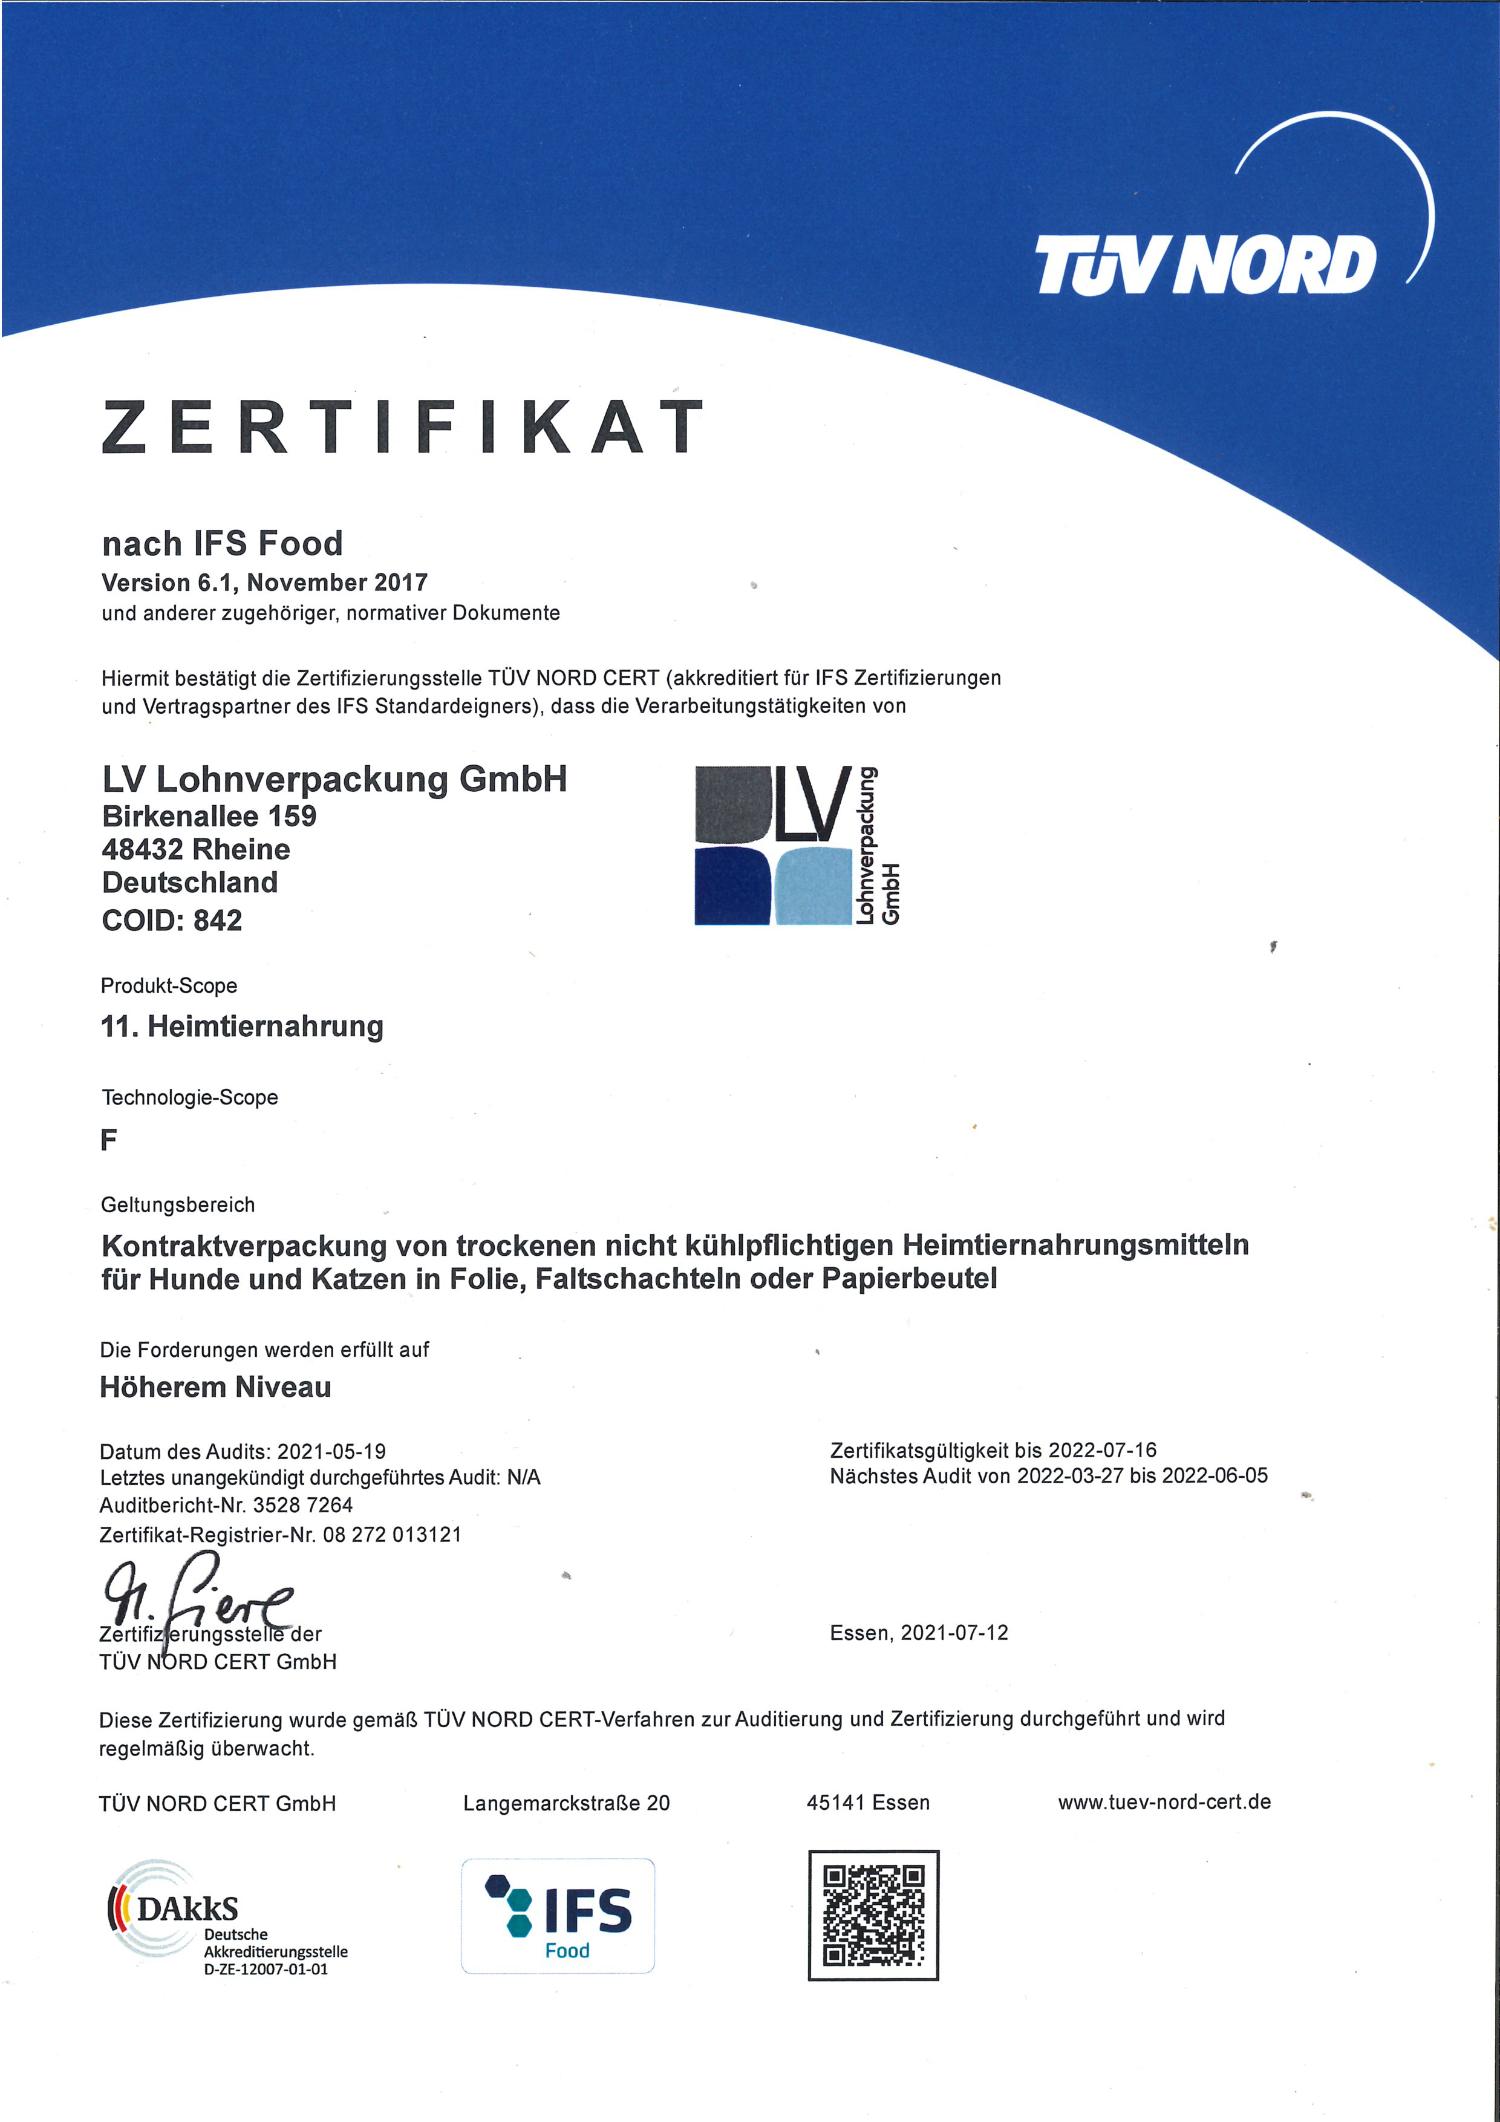 Zertifikat IFS Food von LV Lohnverpackung GmbH